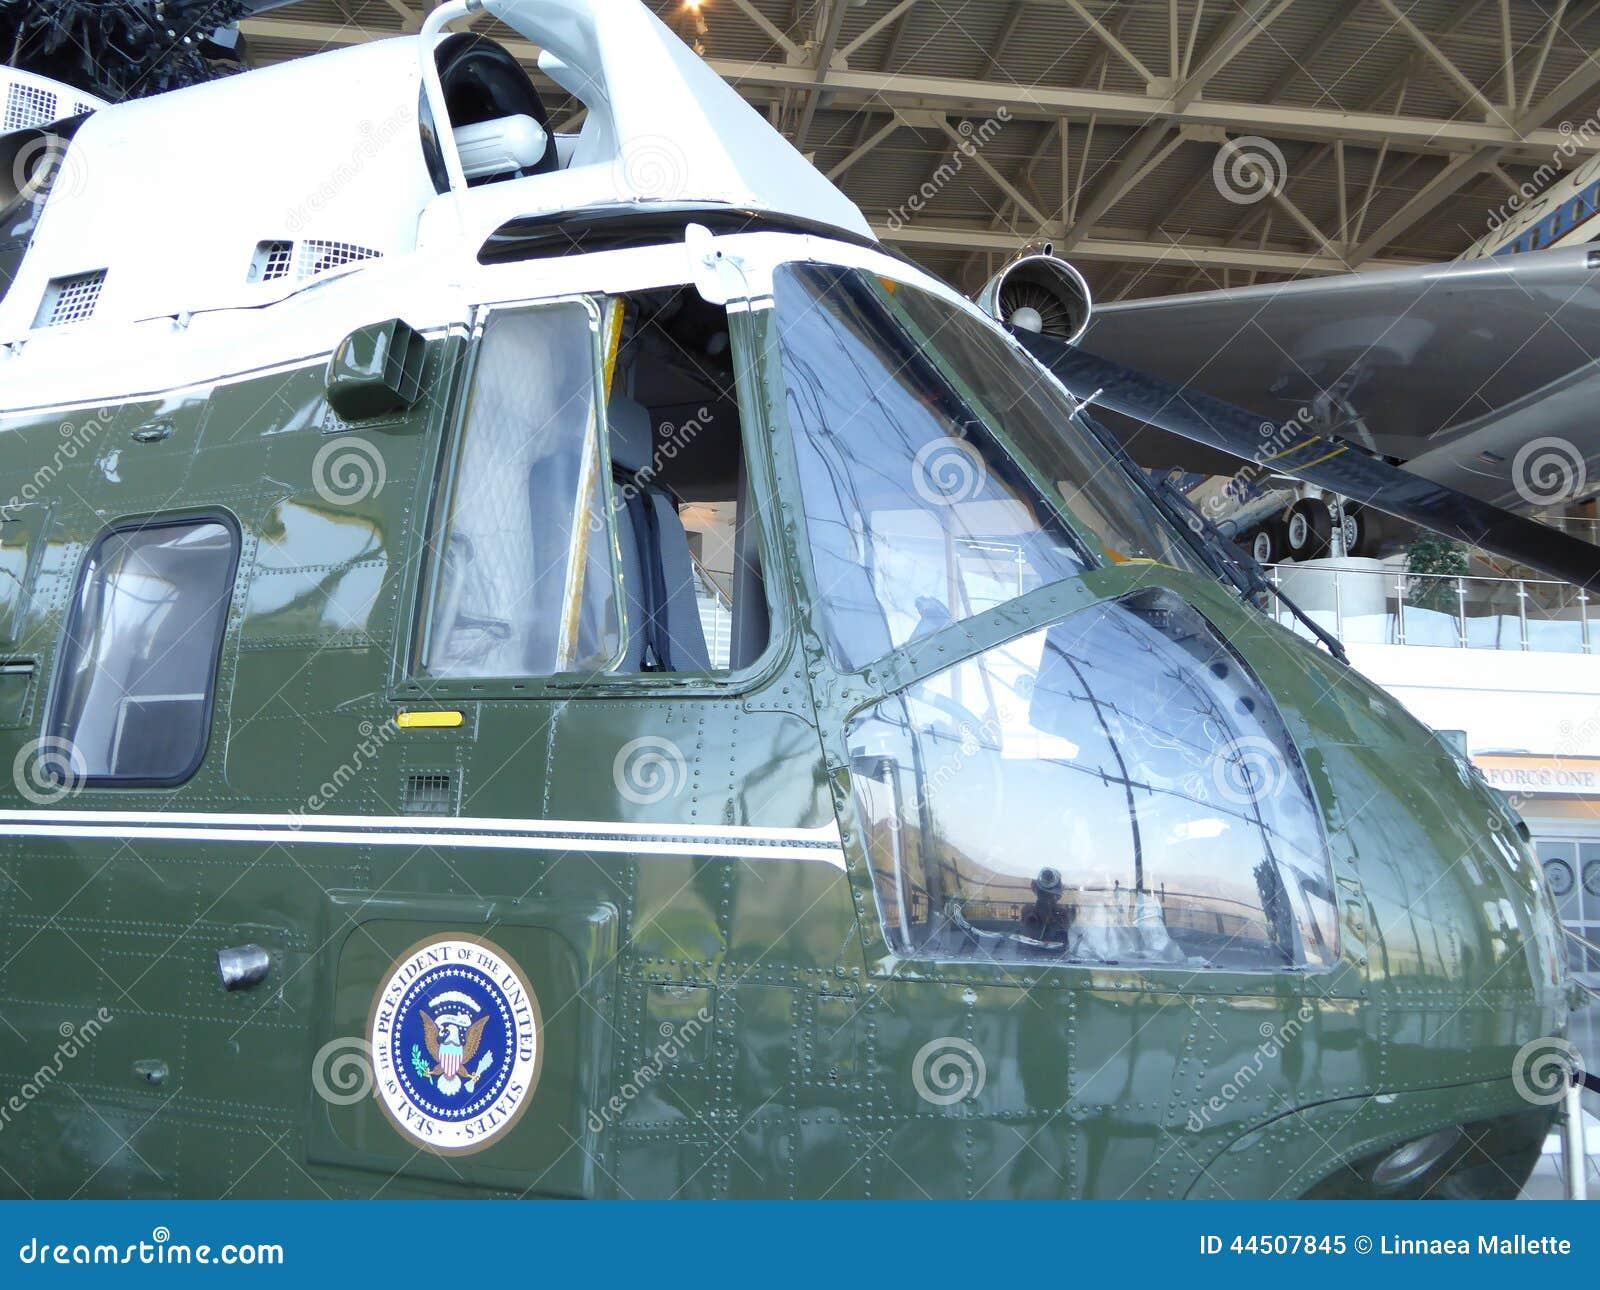 Elicottero Usato : Elicottero di marine one usato da presidente lyndon b johnson alla